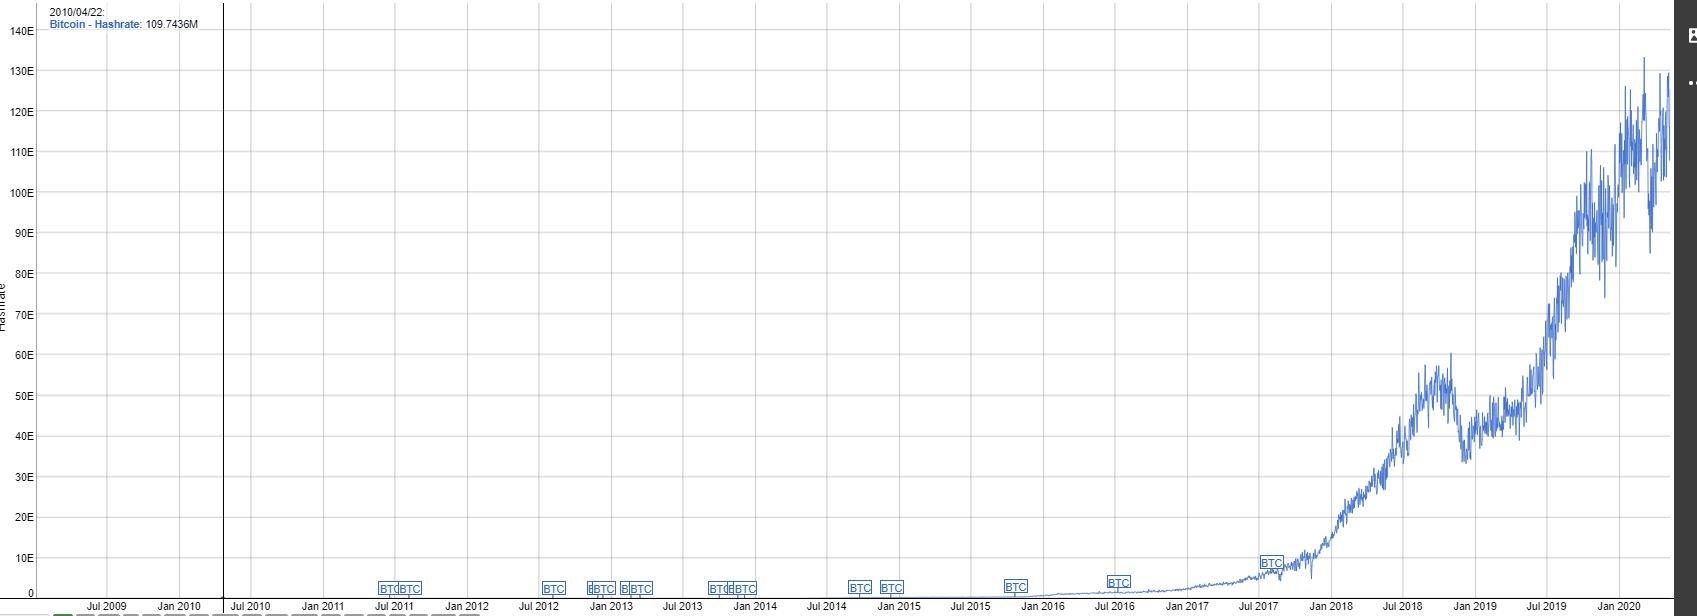 bitkoinų tinklas